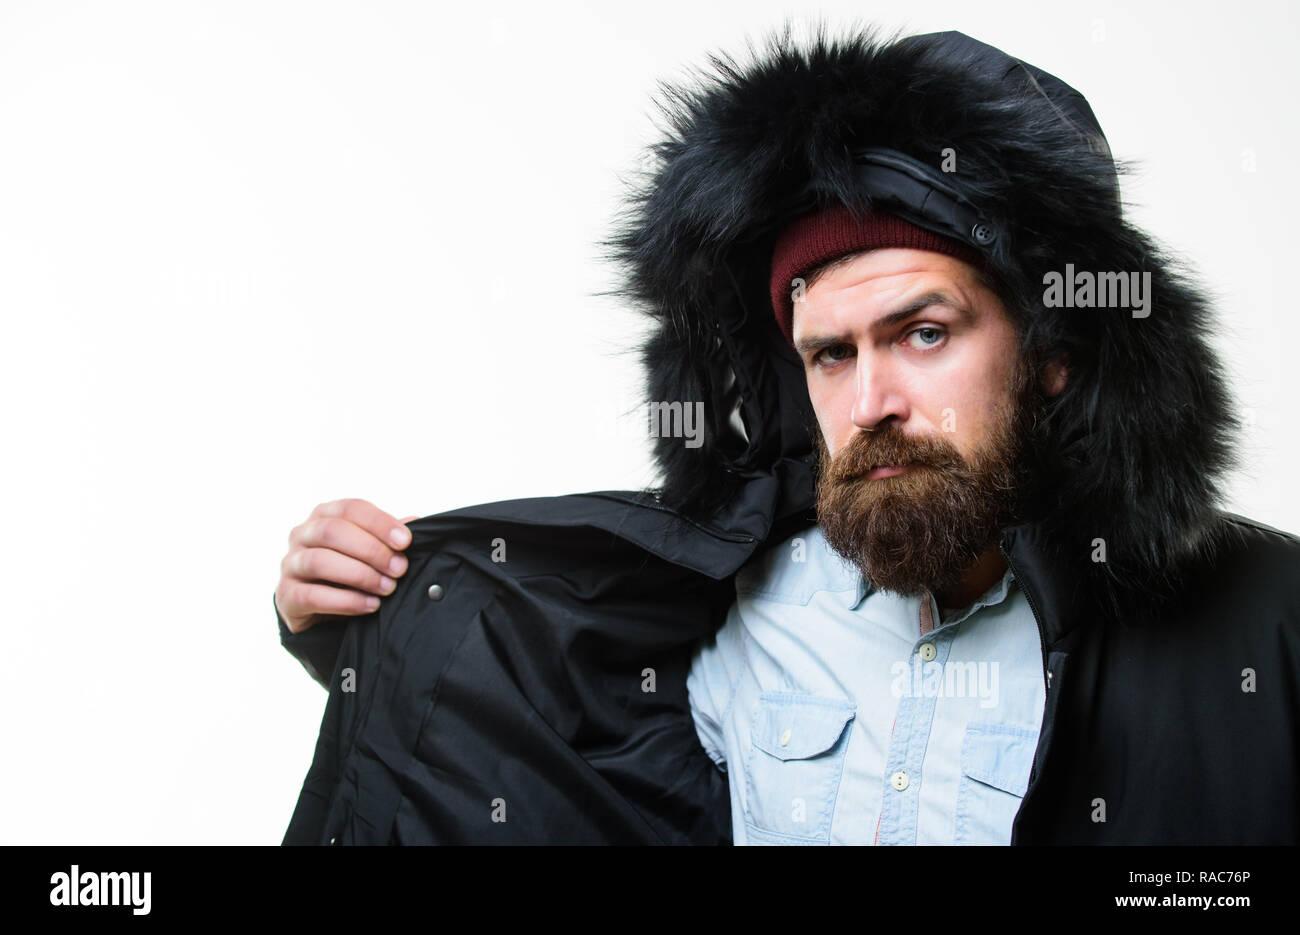 32e6b38a65dc Guy tragen schwarze Winterjacke mit Kapuze. Für die Wetter Veränderungen  vorbereitet. Winter stilvolle Herrenmode